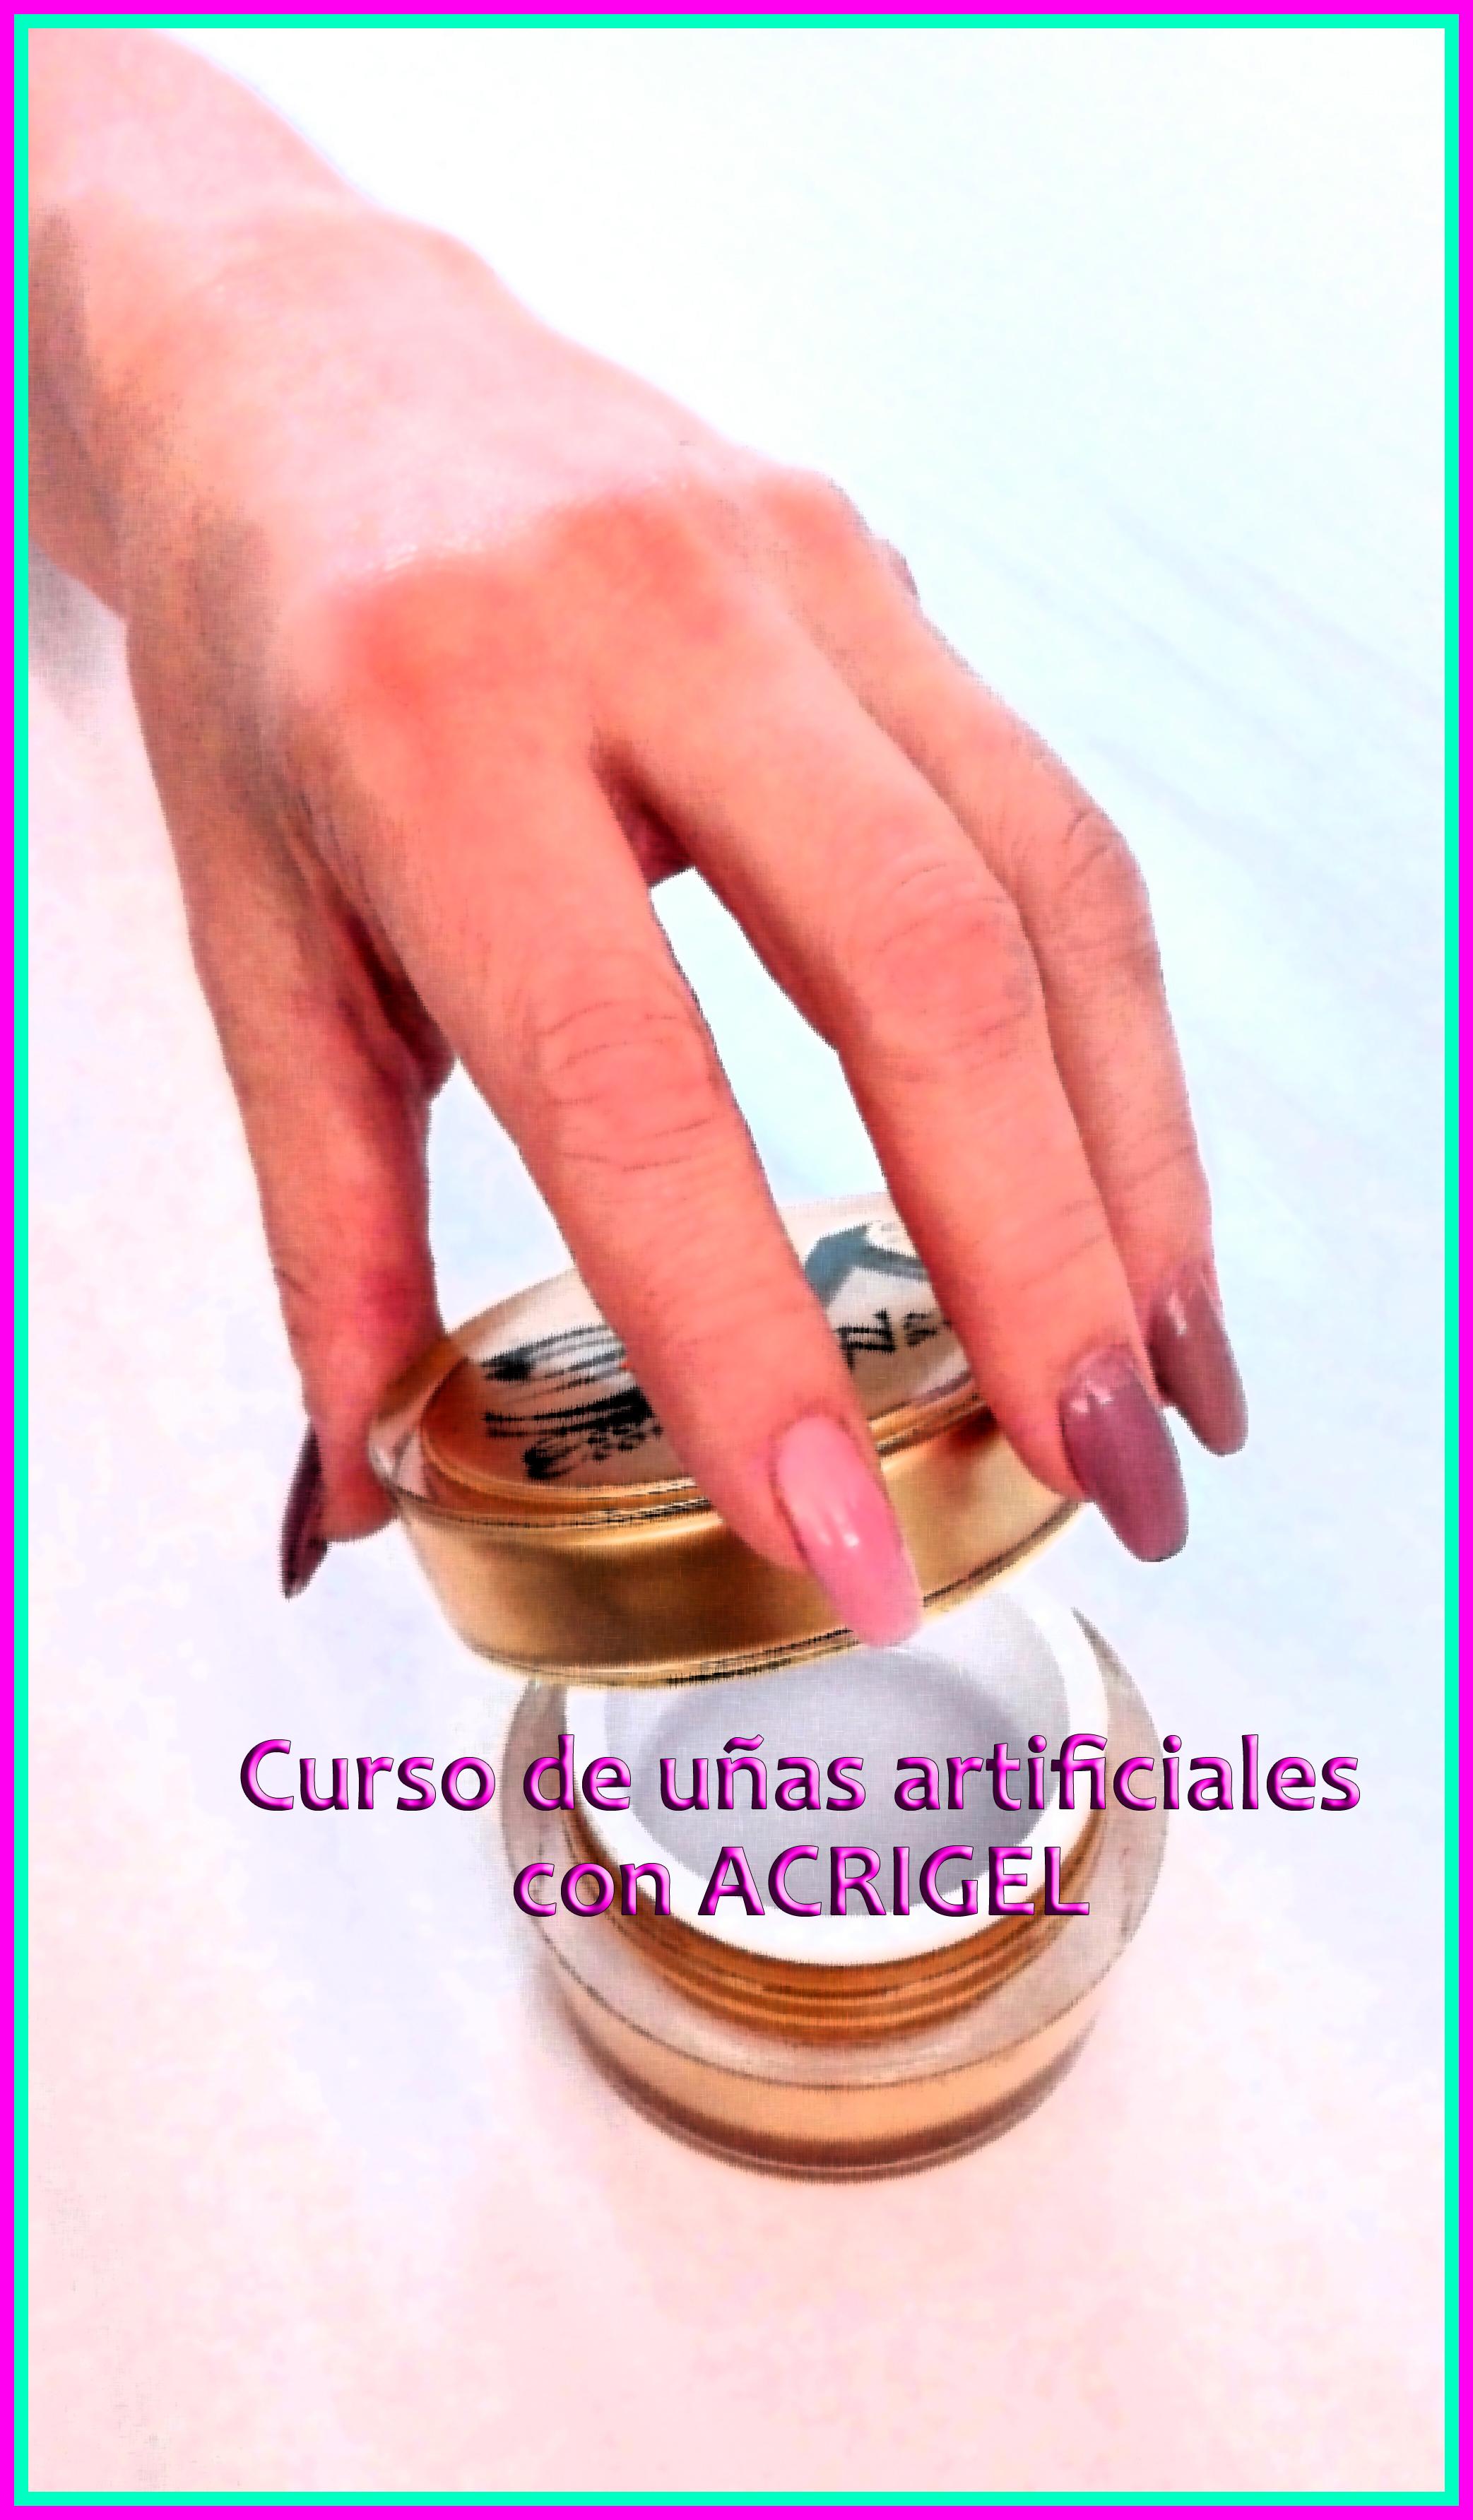 Curso de uñas artificiales con Acrigel - Centro Fp Jorbalán